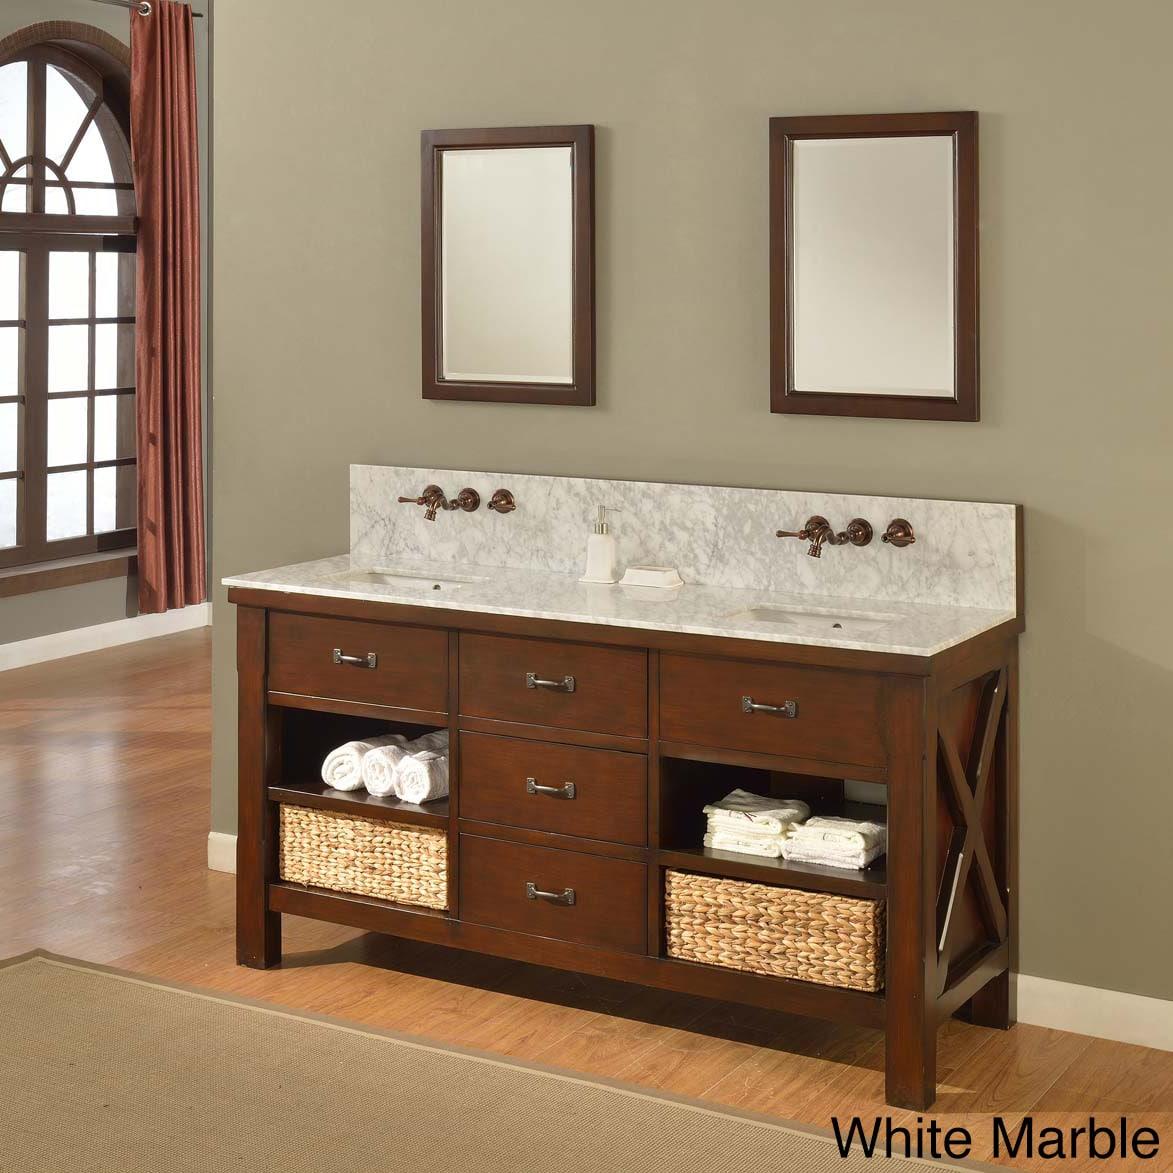 Direct vanity 70 inch xtraordinary premium spa espresso double vanity sink cabinet overstock for 70 inch bathroom double vanity